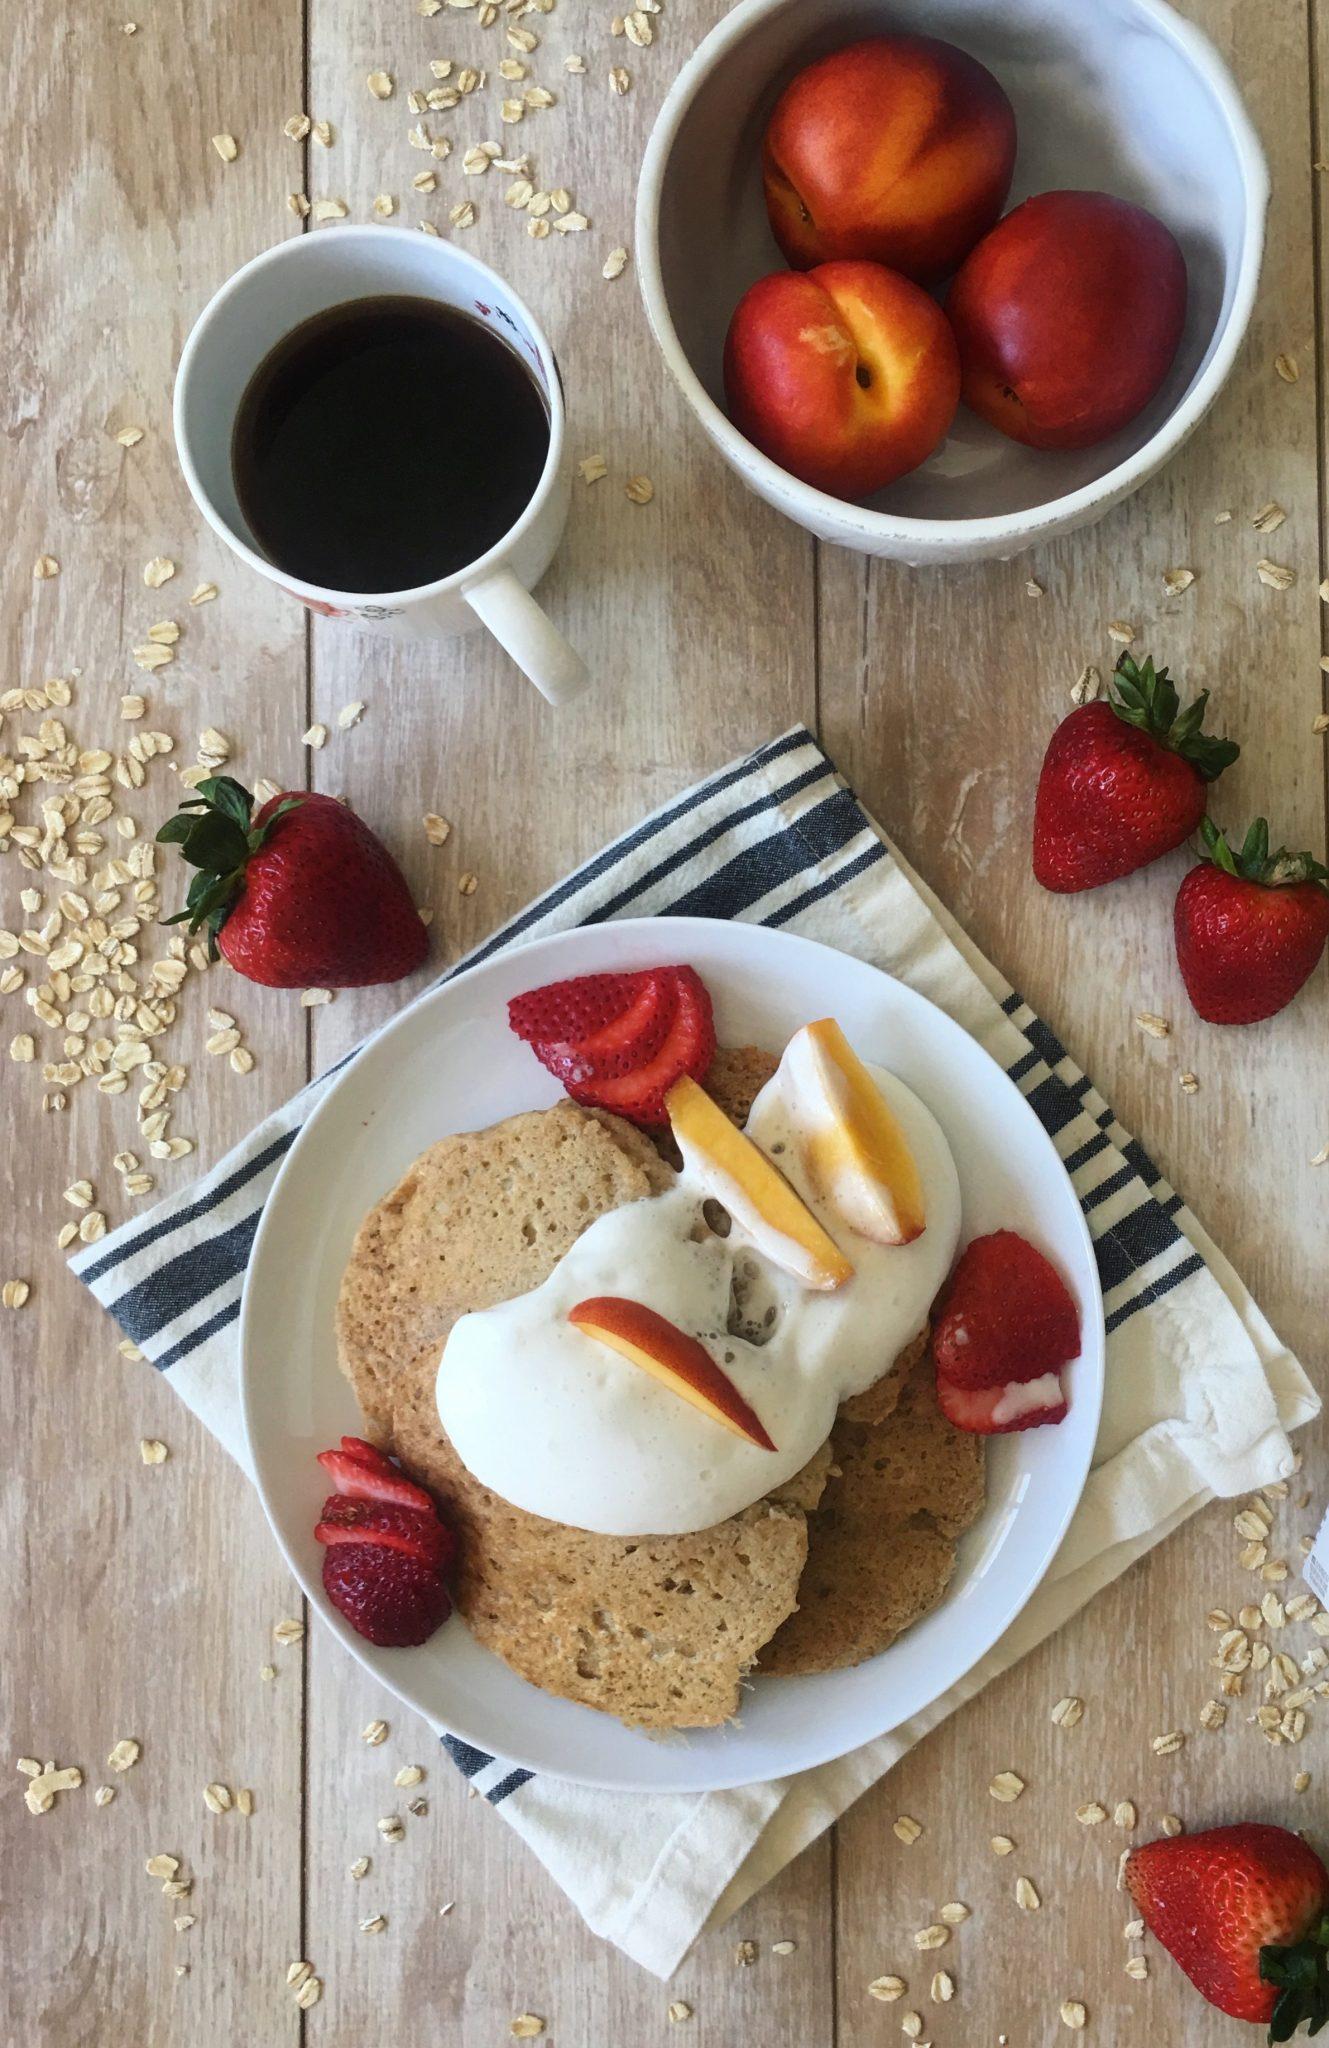 Friday Feast: Oatmeal Pancakes + Coconut Whip Cream (v, gf)